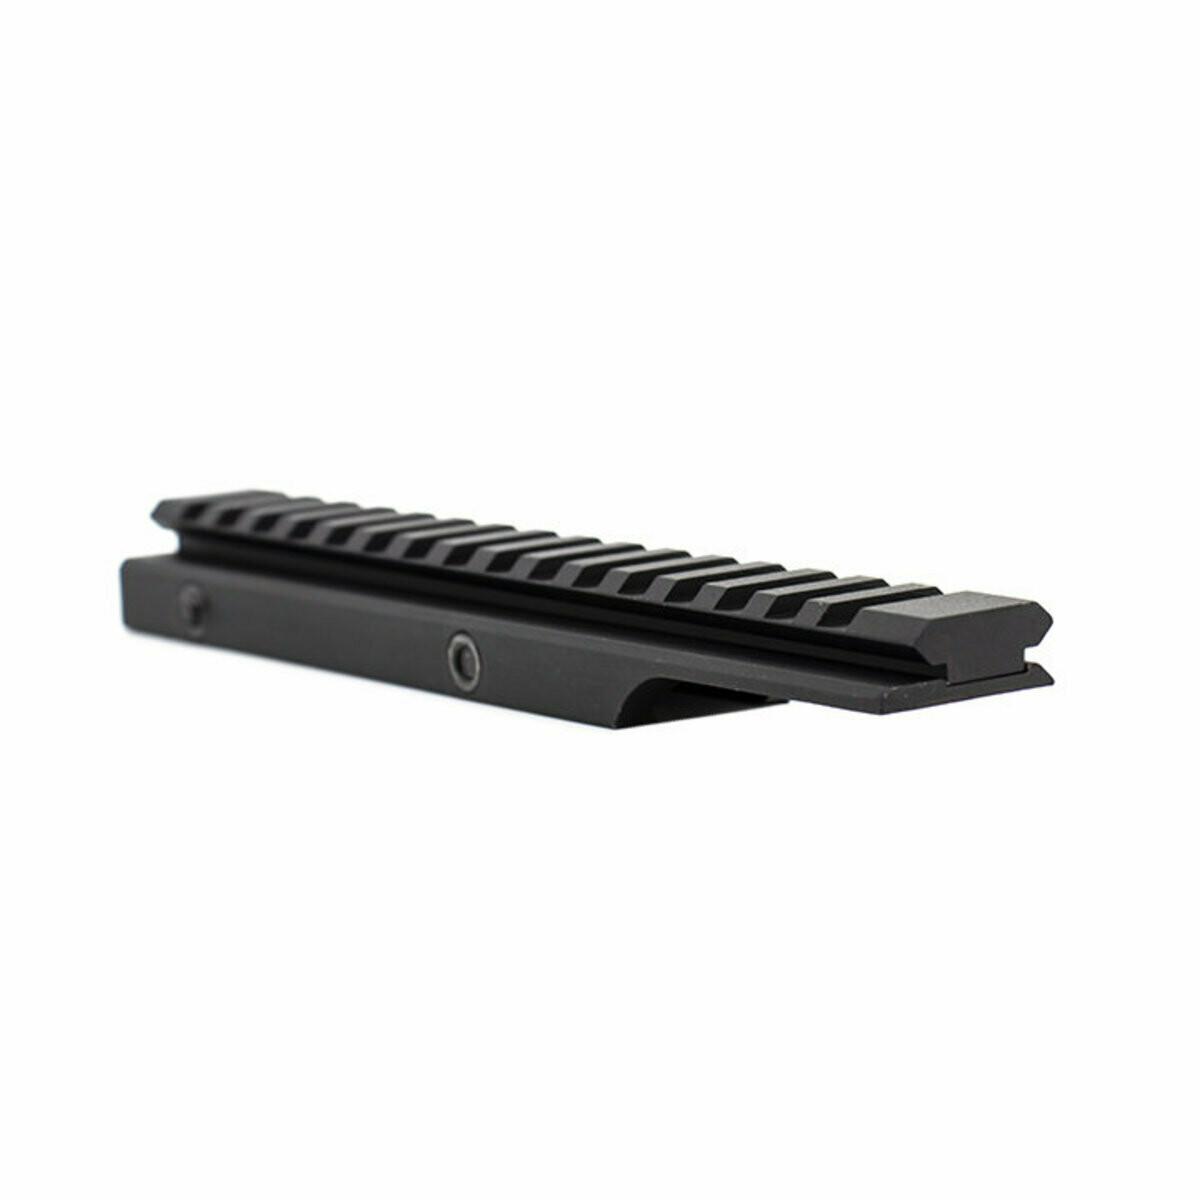 """Rifle Accessory - Valken Riser Mount 0.5""""- 16 slots-20 MOA"""